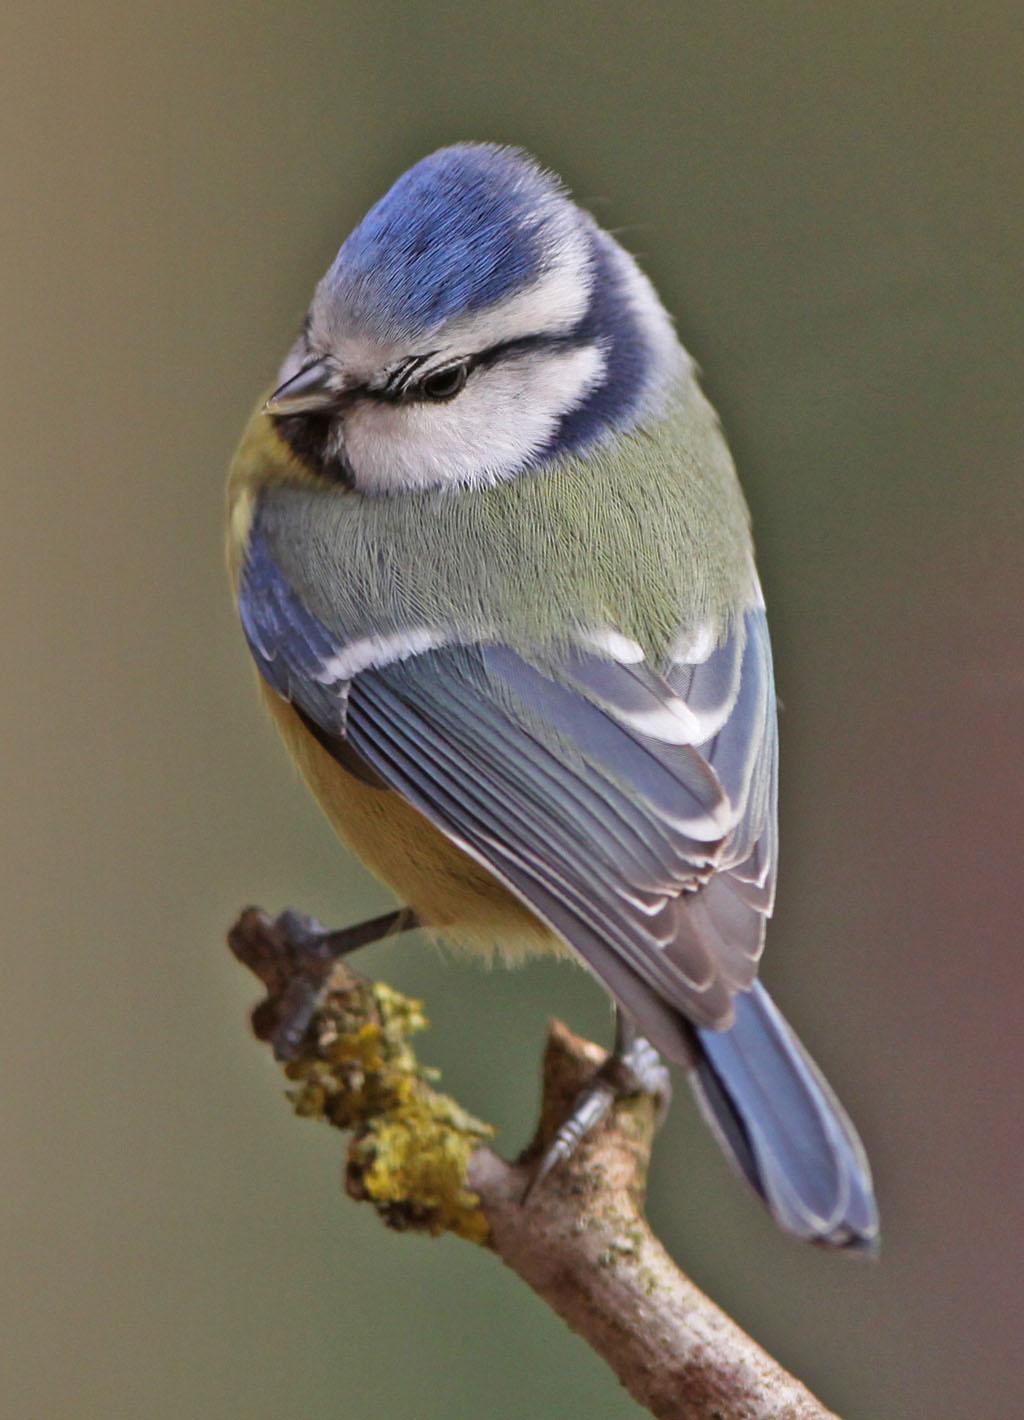 Pimpelmees, Blue Tit, Cyanistes caeruleus